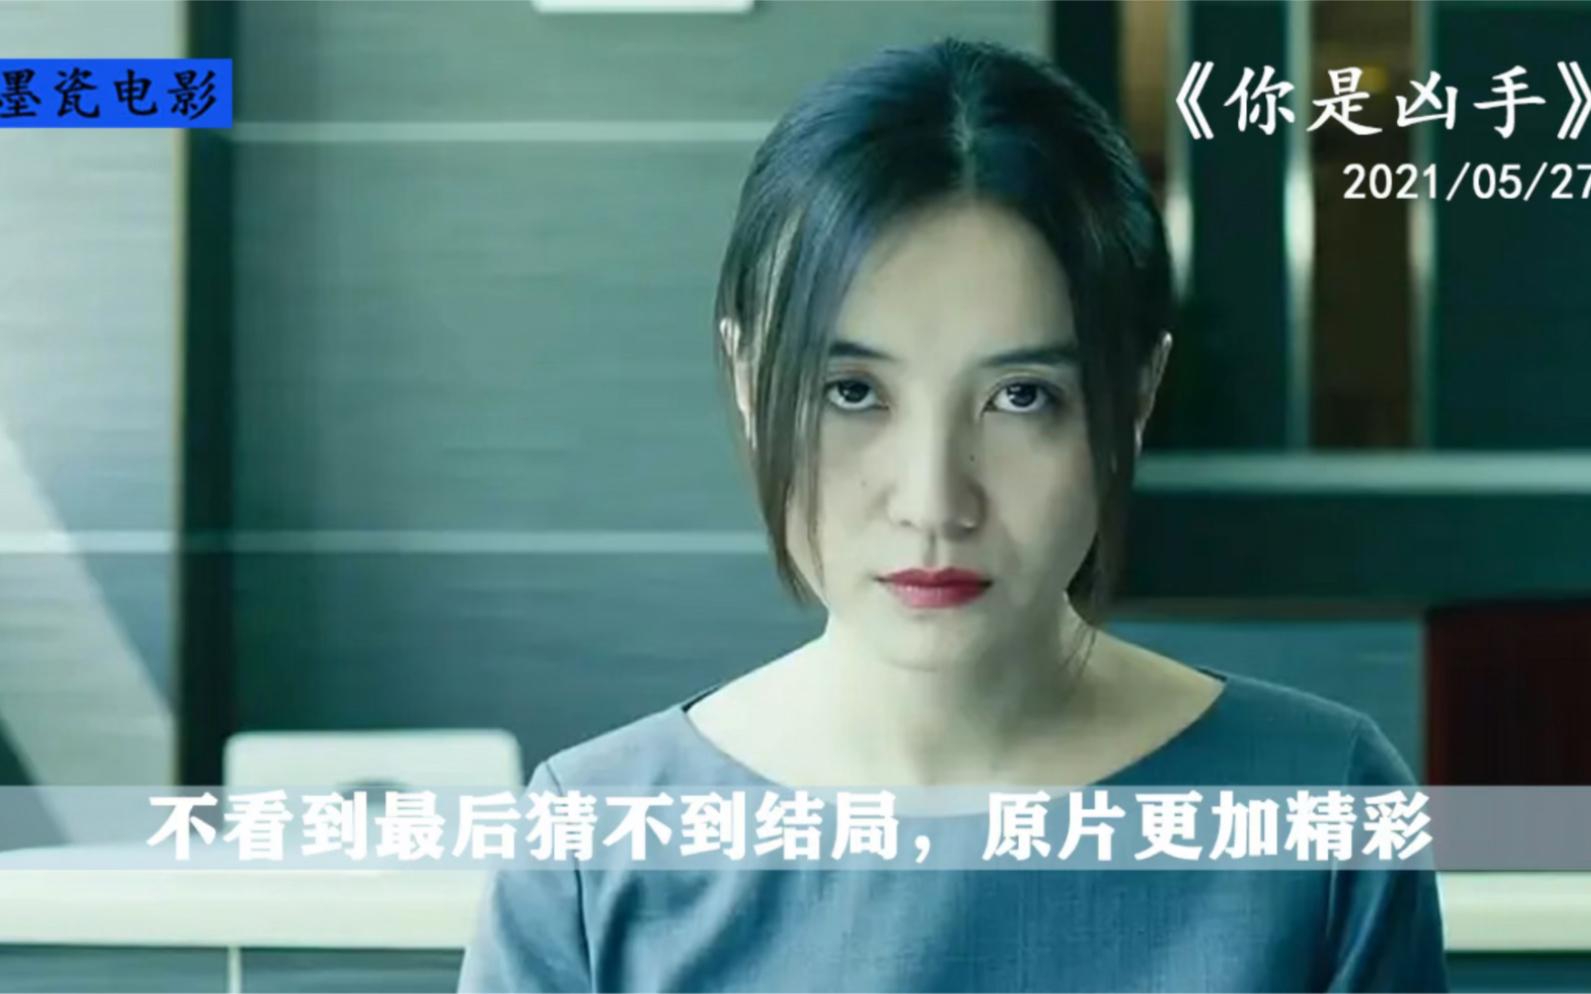 又一部改编电影,比肩大人物,王千源宋佳冯远征演技炸裂